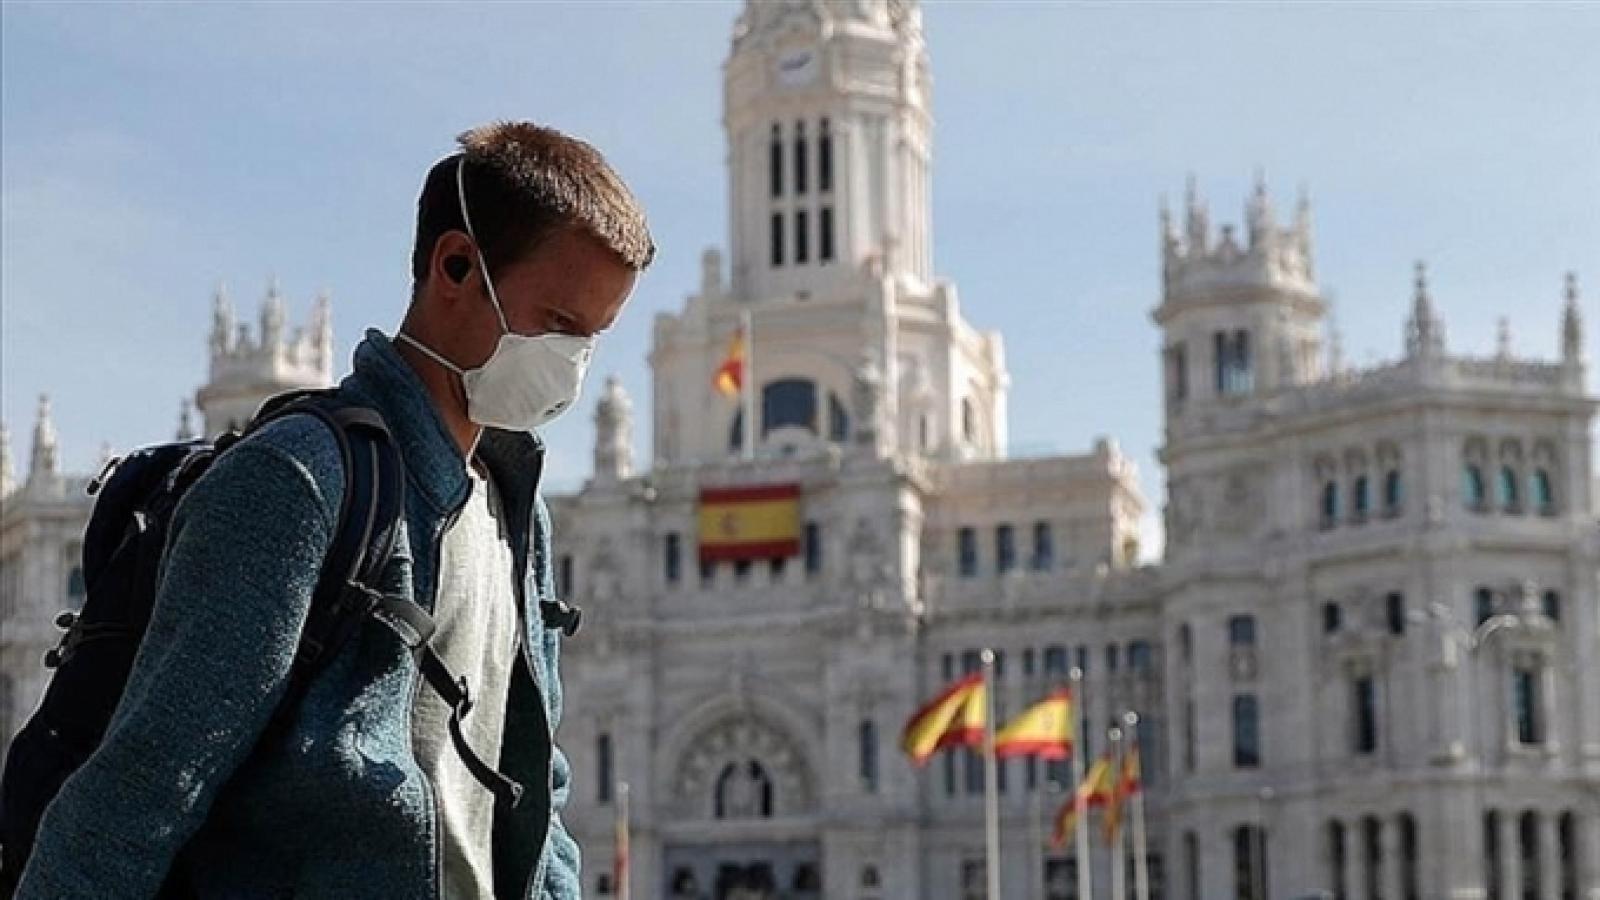 Tây Ban Nha sẽ mở cửa đón khách du lịch quốc tế từ tháng 7